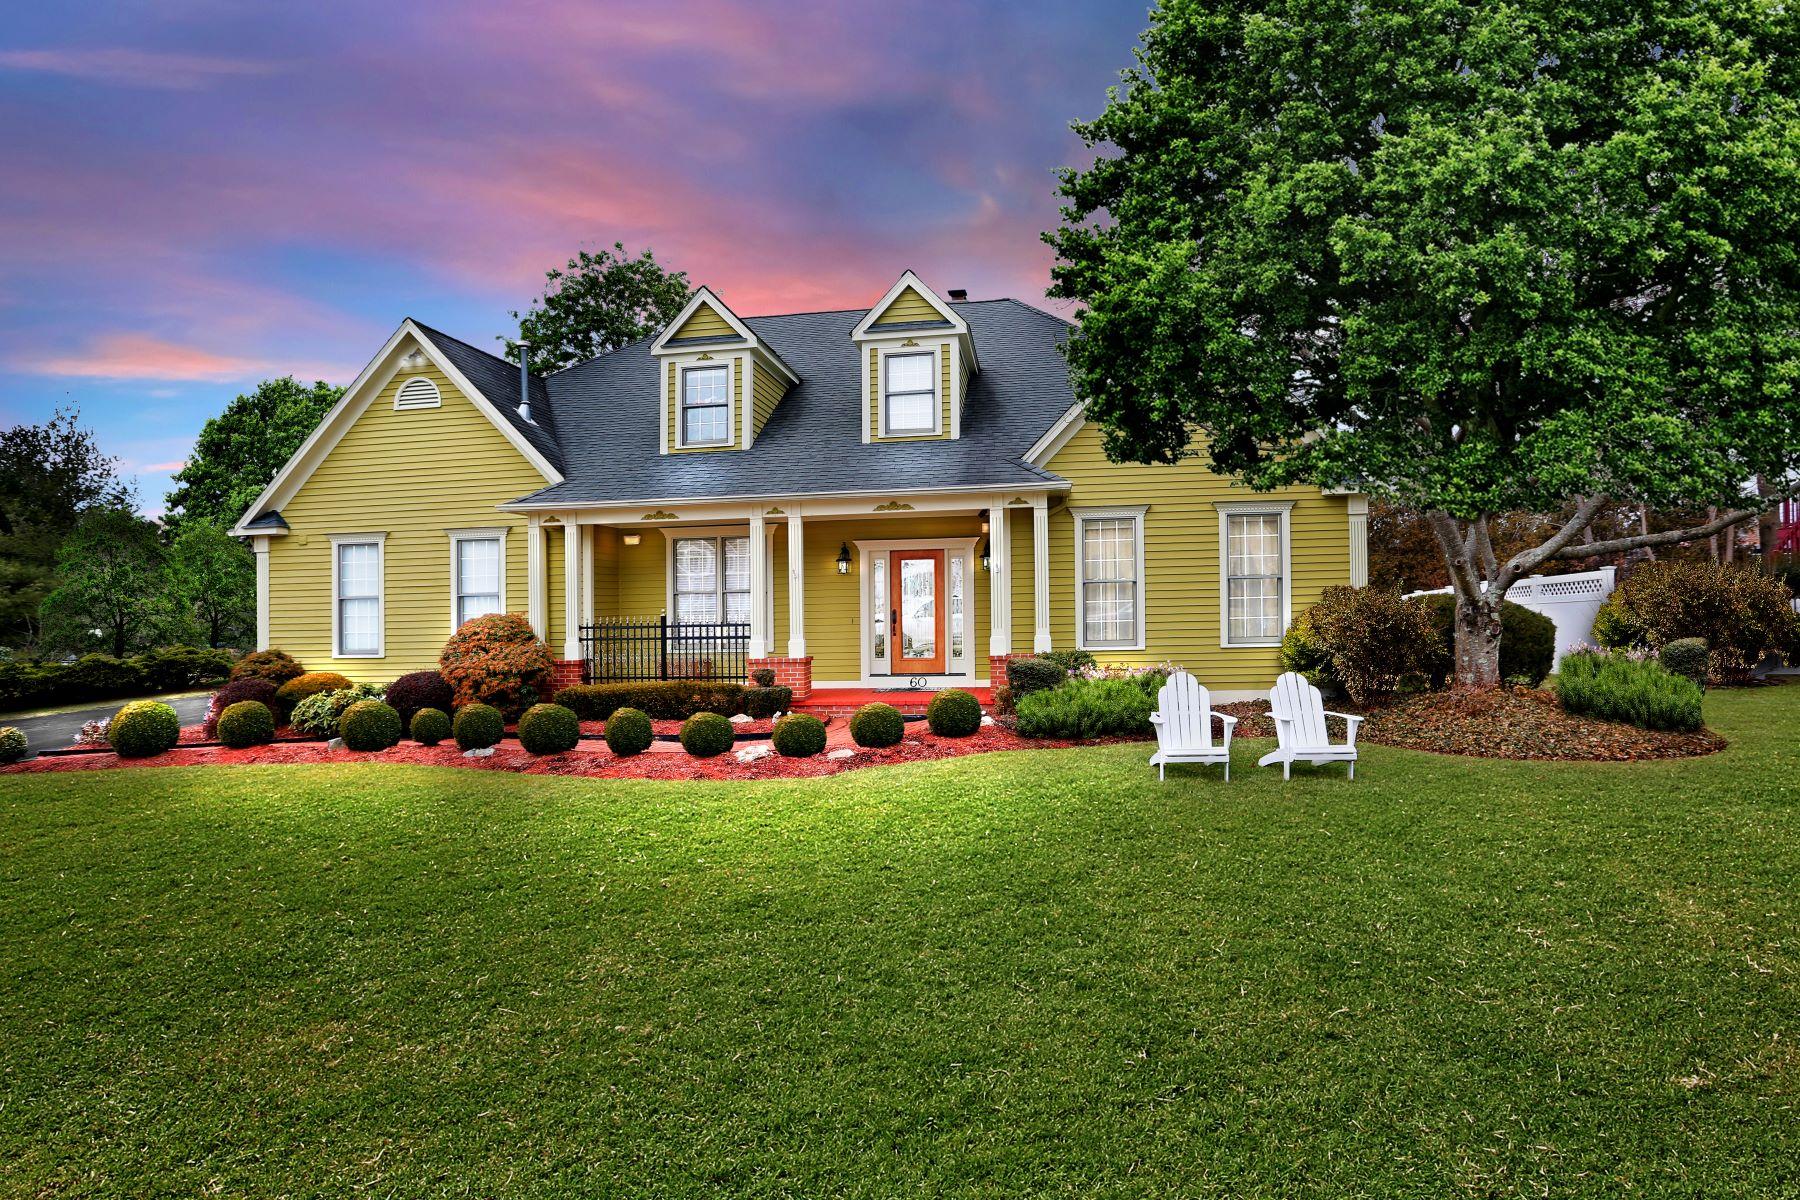 一戸建て のために 売買 アット On Cul-de-Sac, Close to Town 60 Walbin Court, Fairfield, コネチカット, 06824 アメリカ合衆国